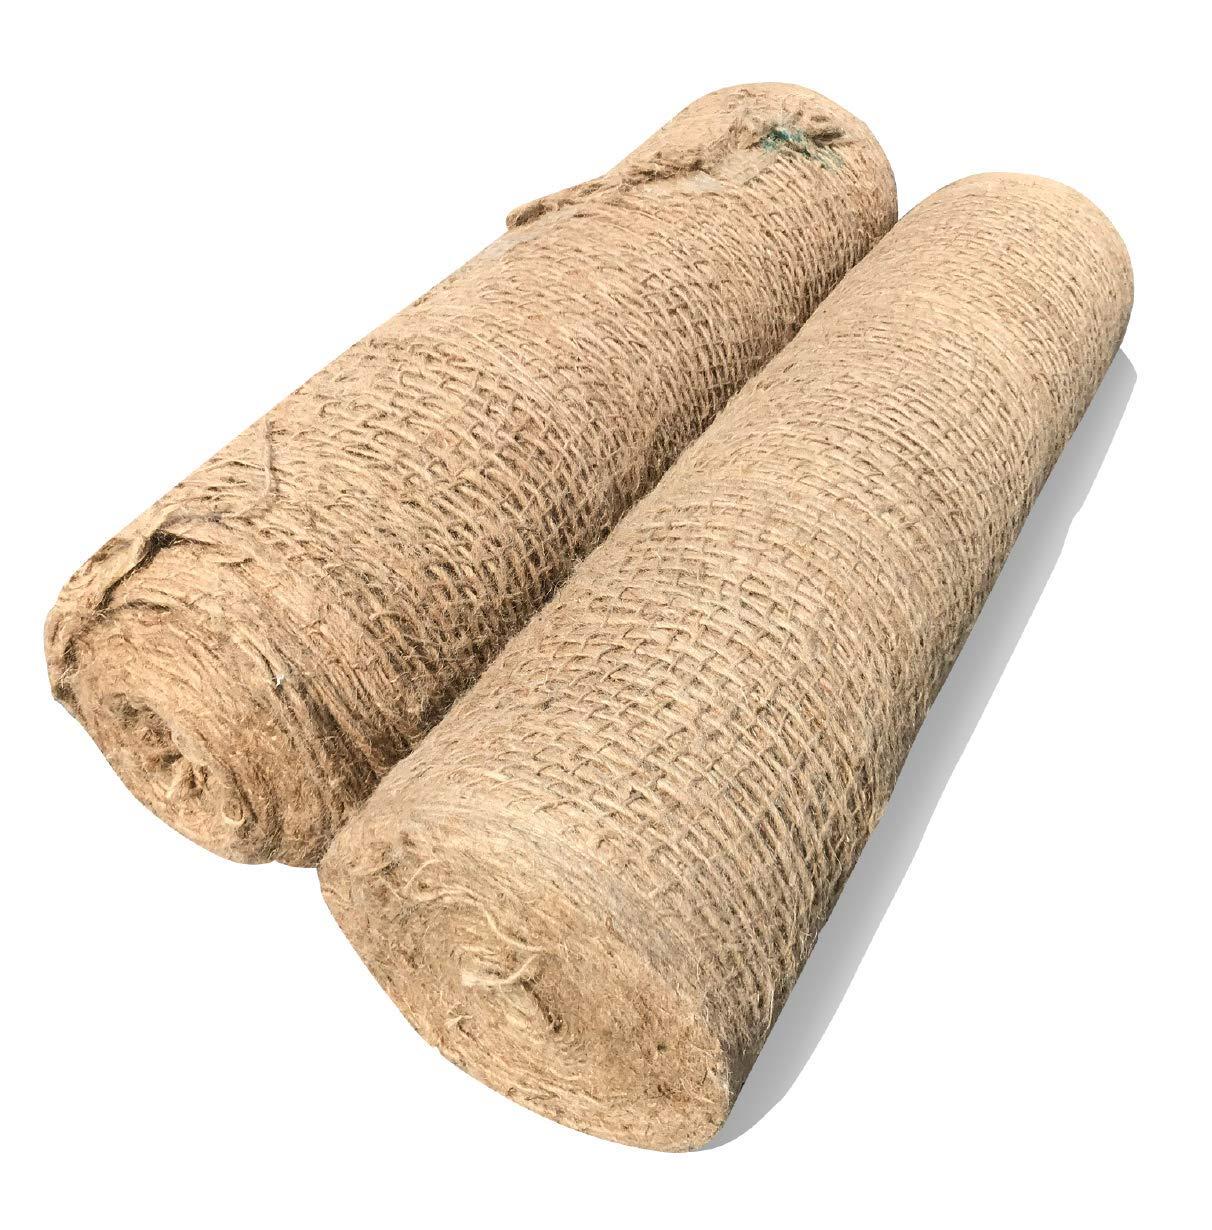 Sandbaggy Jute Netting Roll – Erosion Control Matting Blanket – Jute Matting – Jute Mesh Blanket – Jute Netting Installation for Erosion Control – 225 ft Length by 4 ft Width 2 Rolls